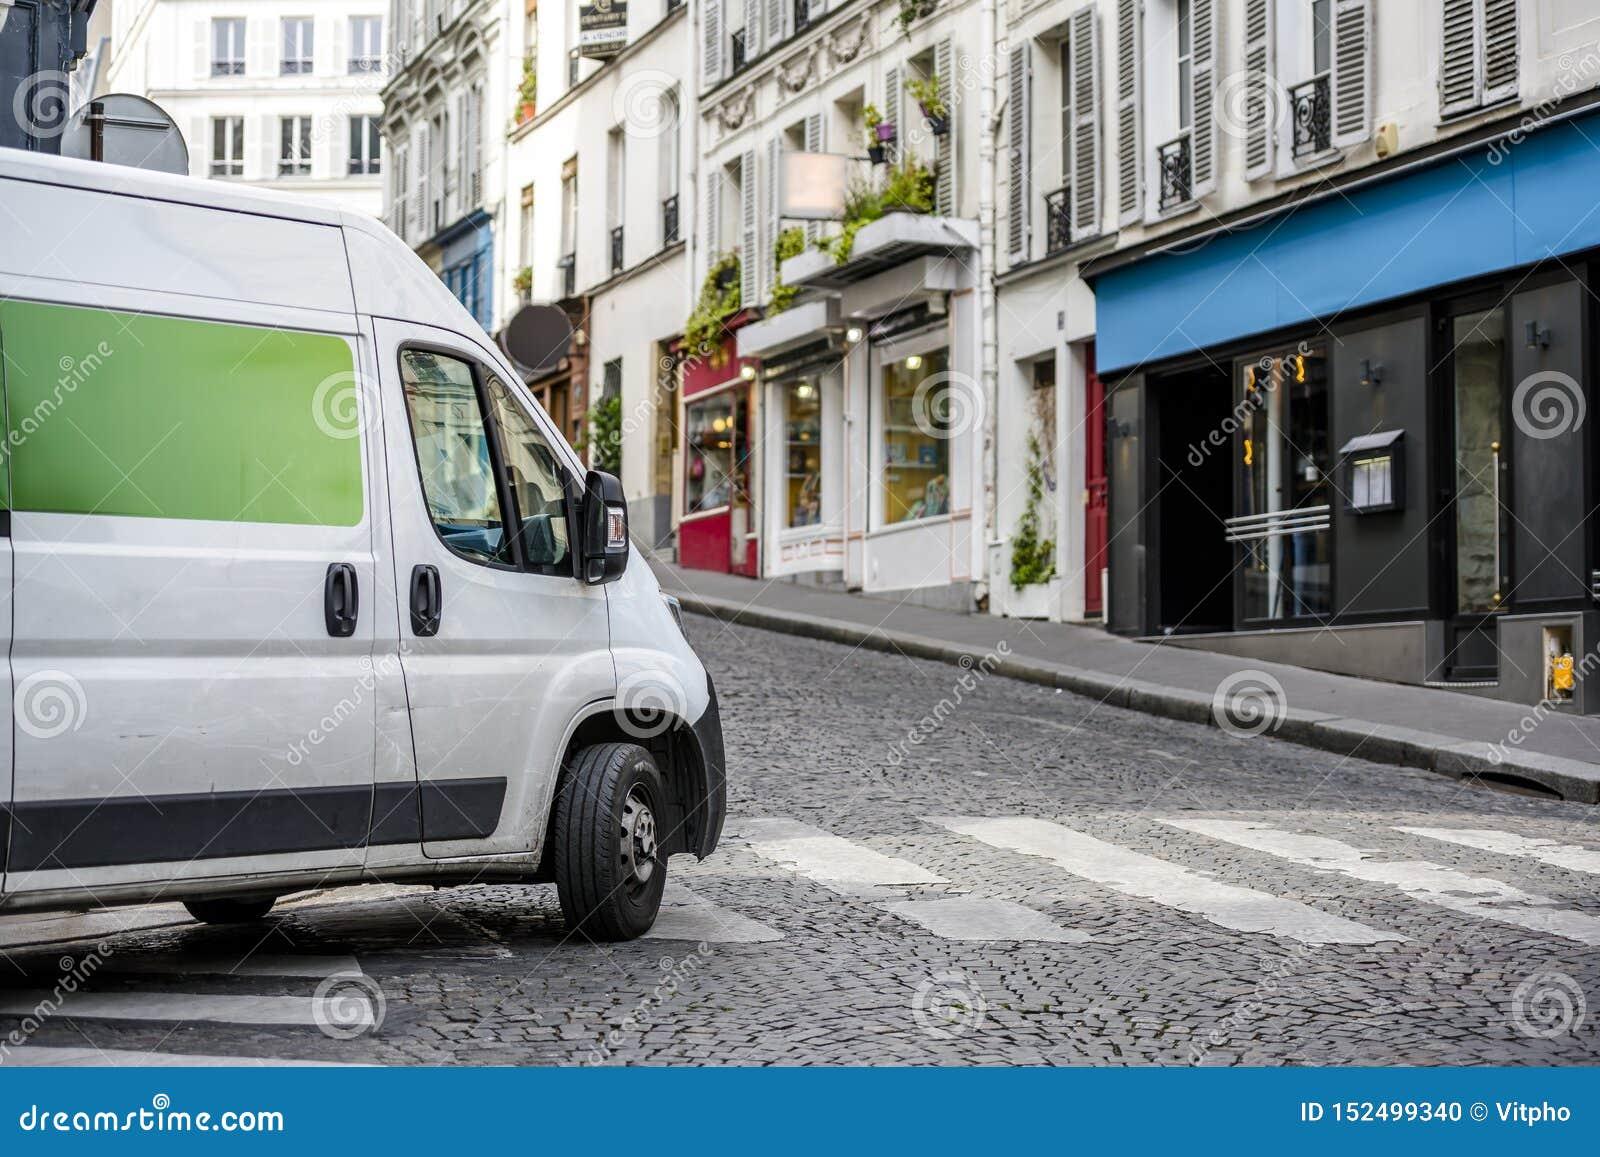 打开在城市街道上的小企业和地方交付的紧凑经济微型搬运车交叉路